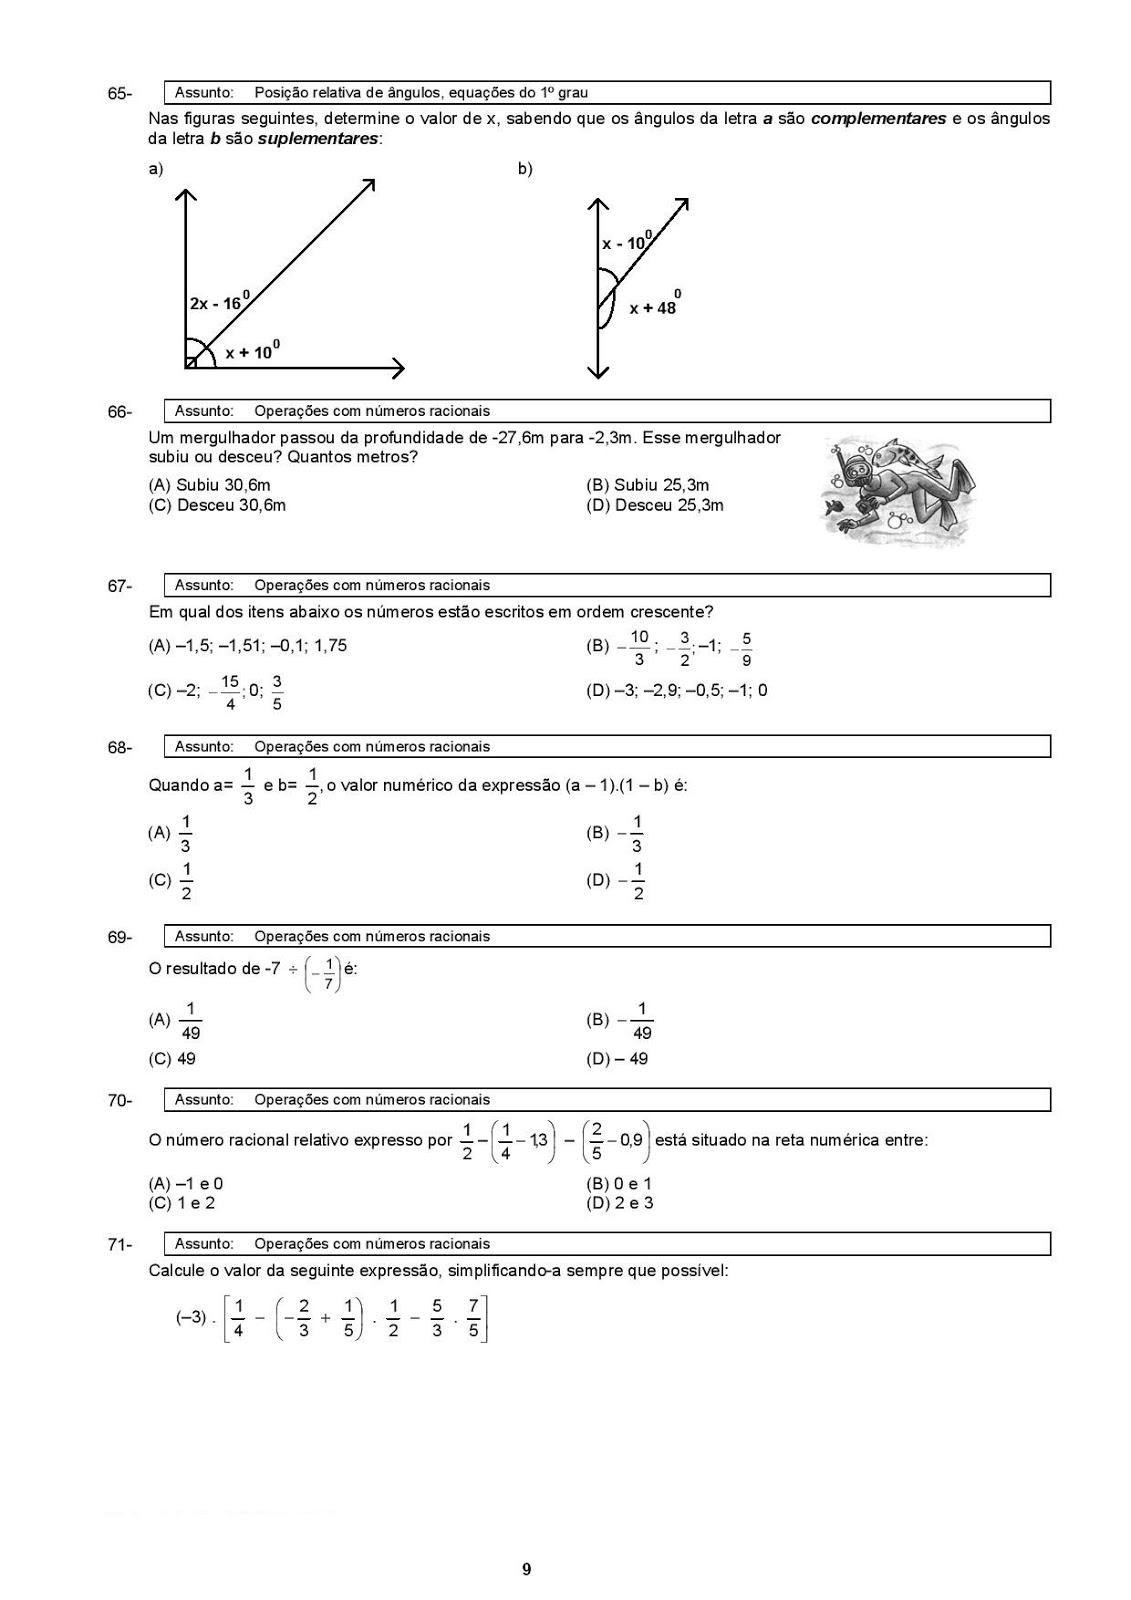 Portal Escola Matematica 7º Ano Atividades Exercicios Testes Provas Avaliacoes Com Gabarito I